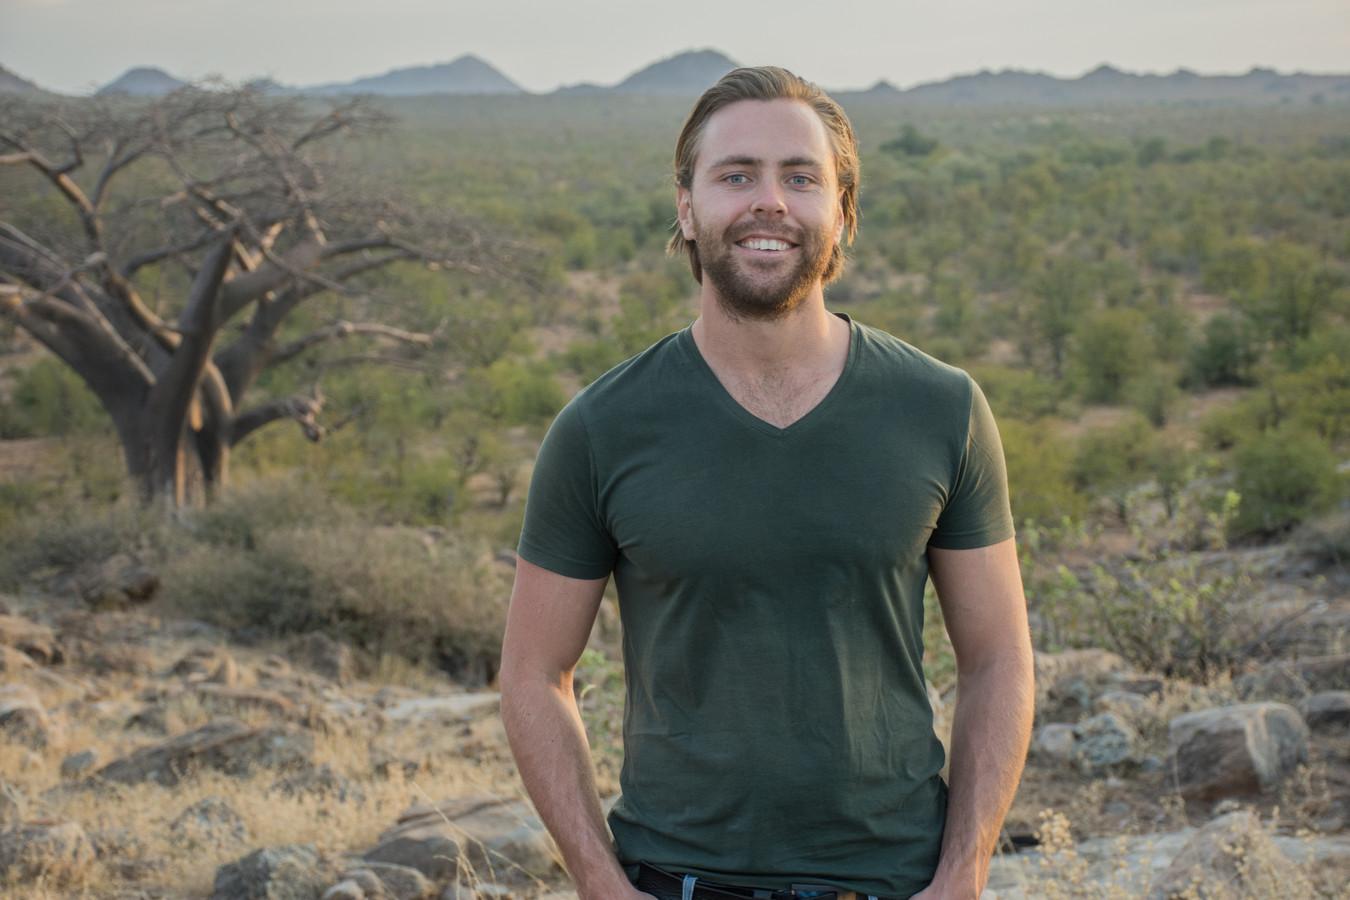 Sander Vissia (29) verruilde Beek en Donk vier jaar geleden voor een avontuurlijk bestaan in de bushbush van Botswana.